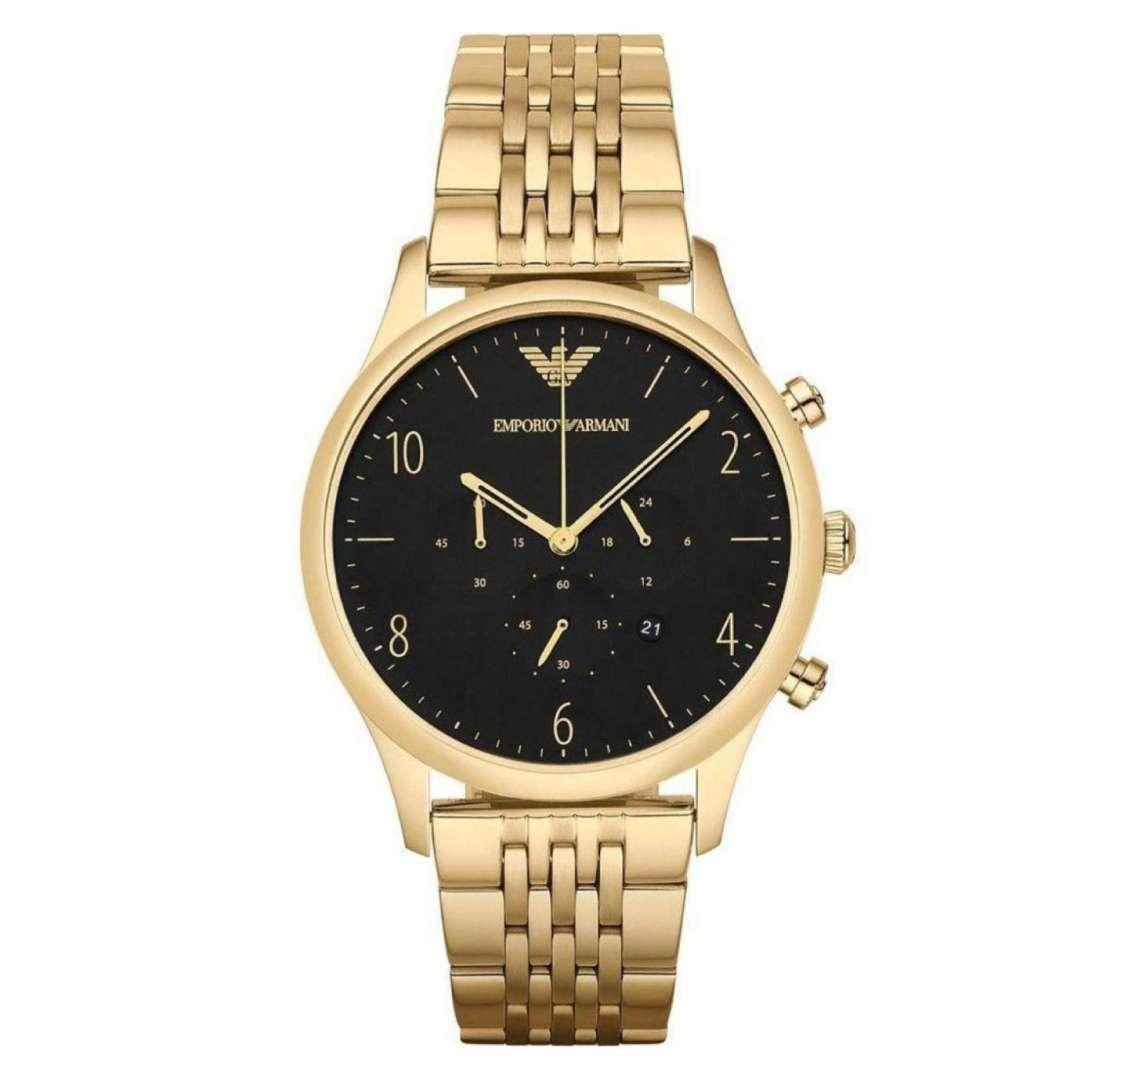 שעון יד אנלוגי לגבר emporio armani ar1893 אמפוריו ארמני